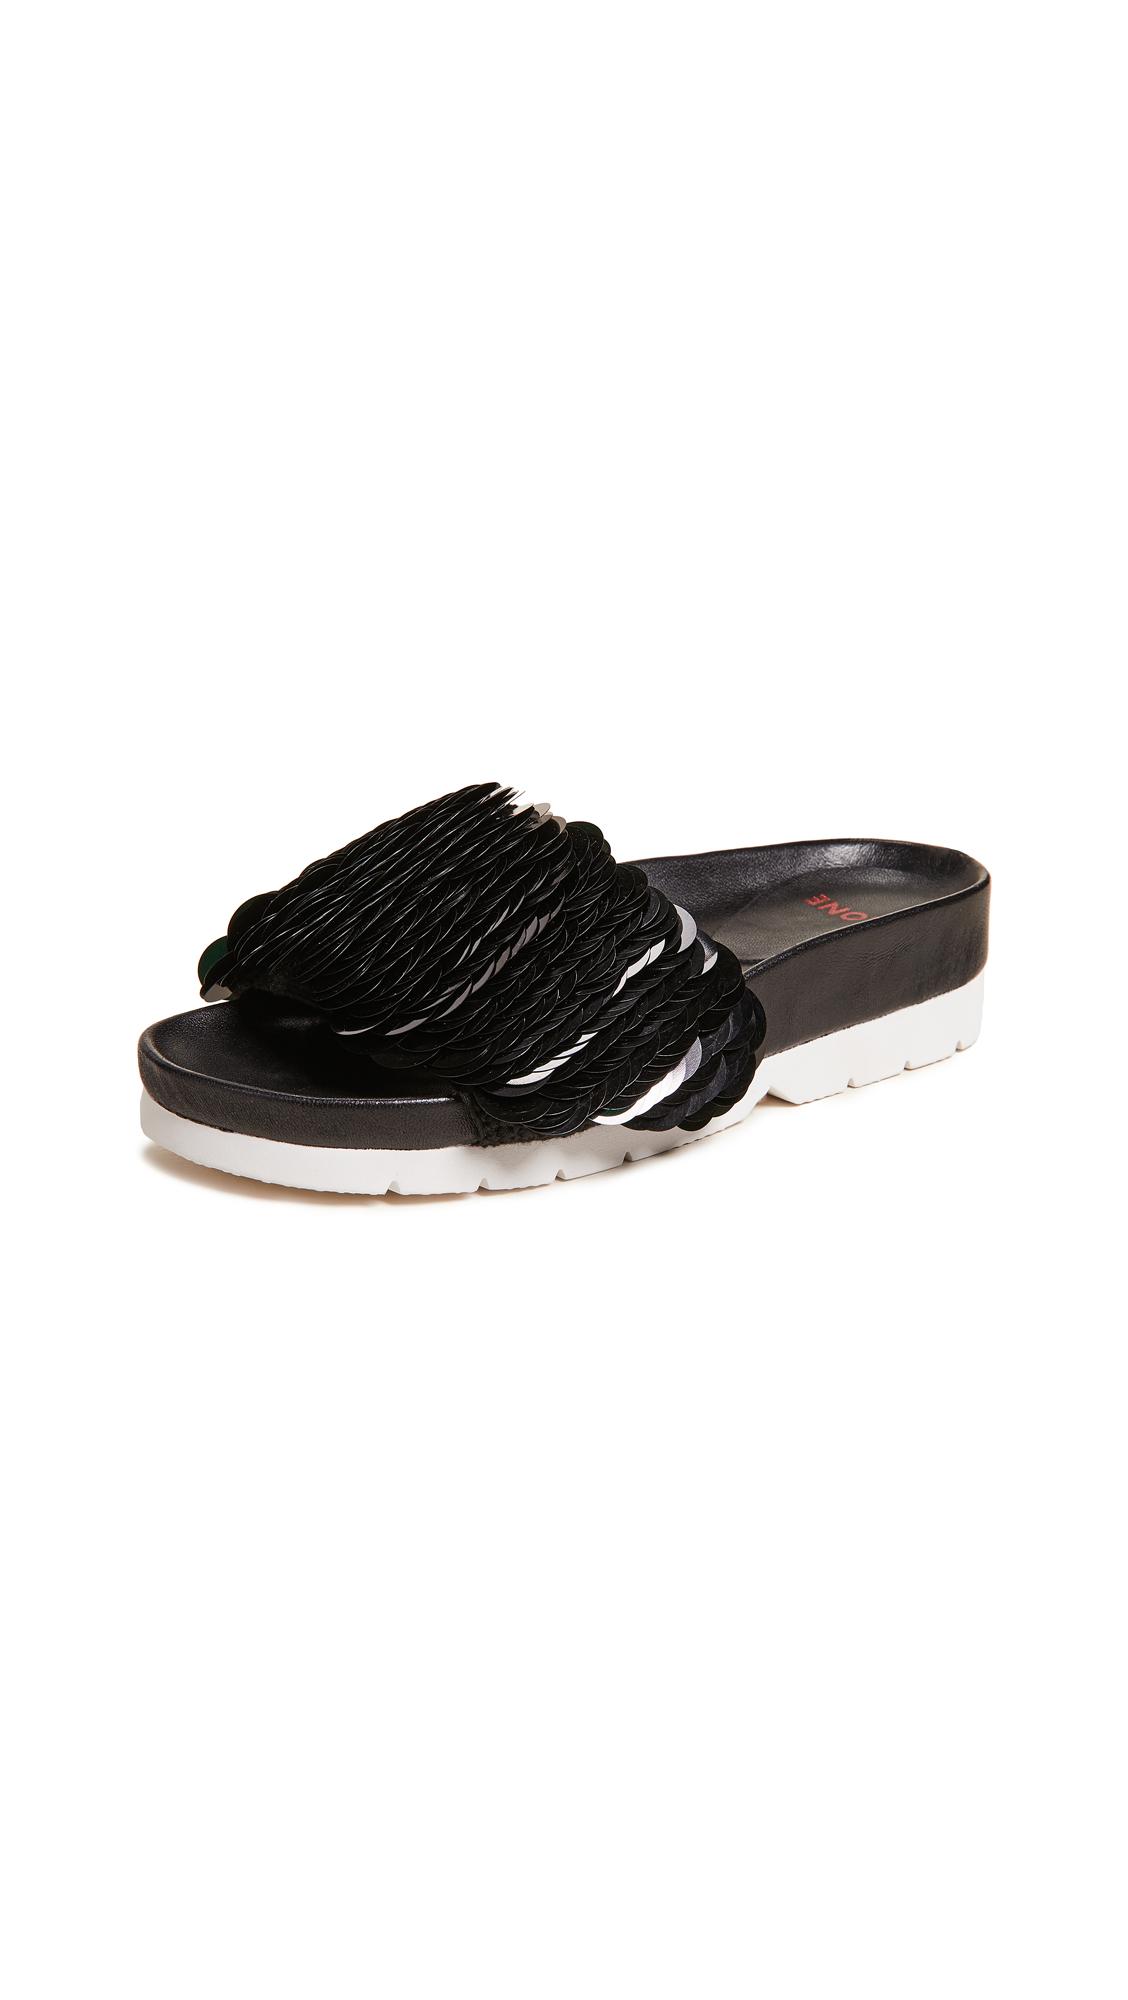 Quartz Sandals in Black